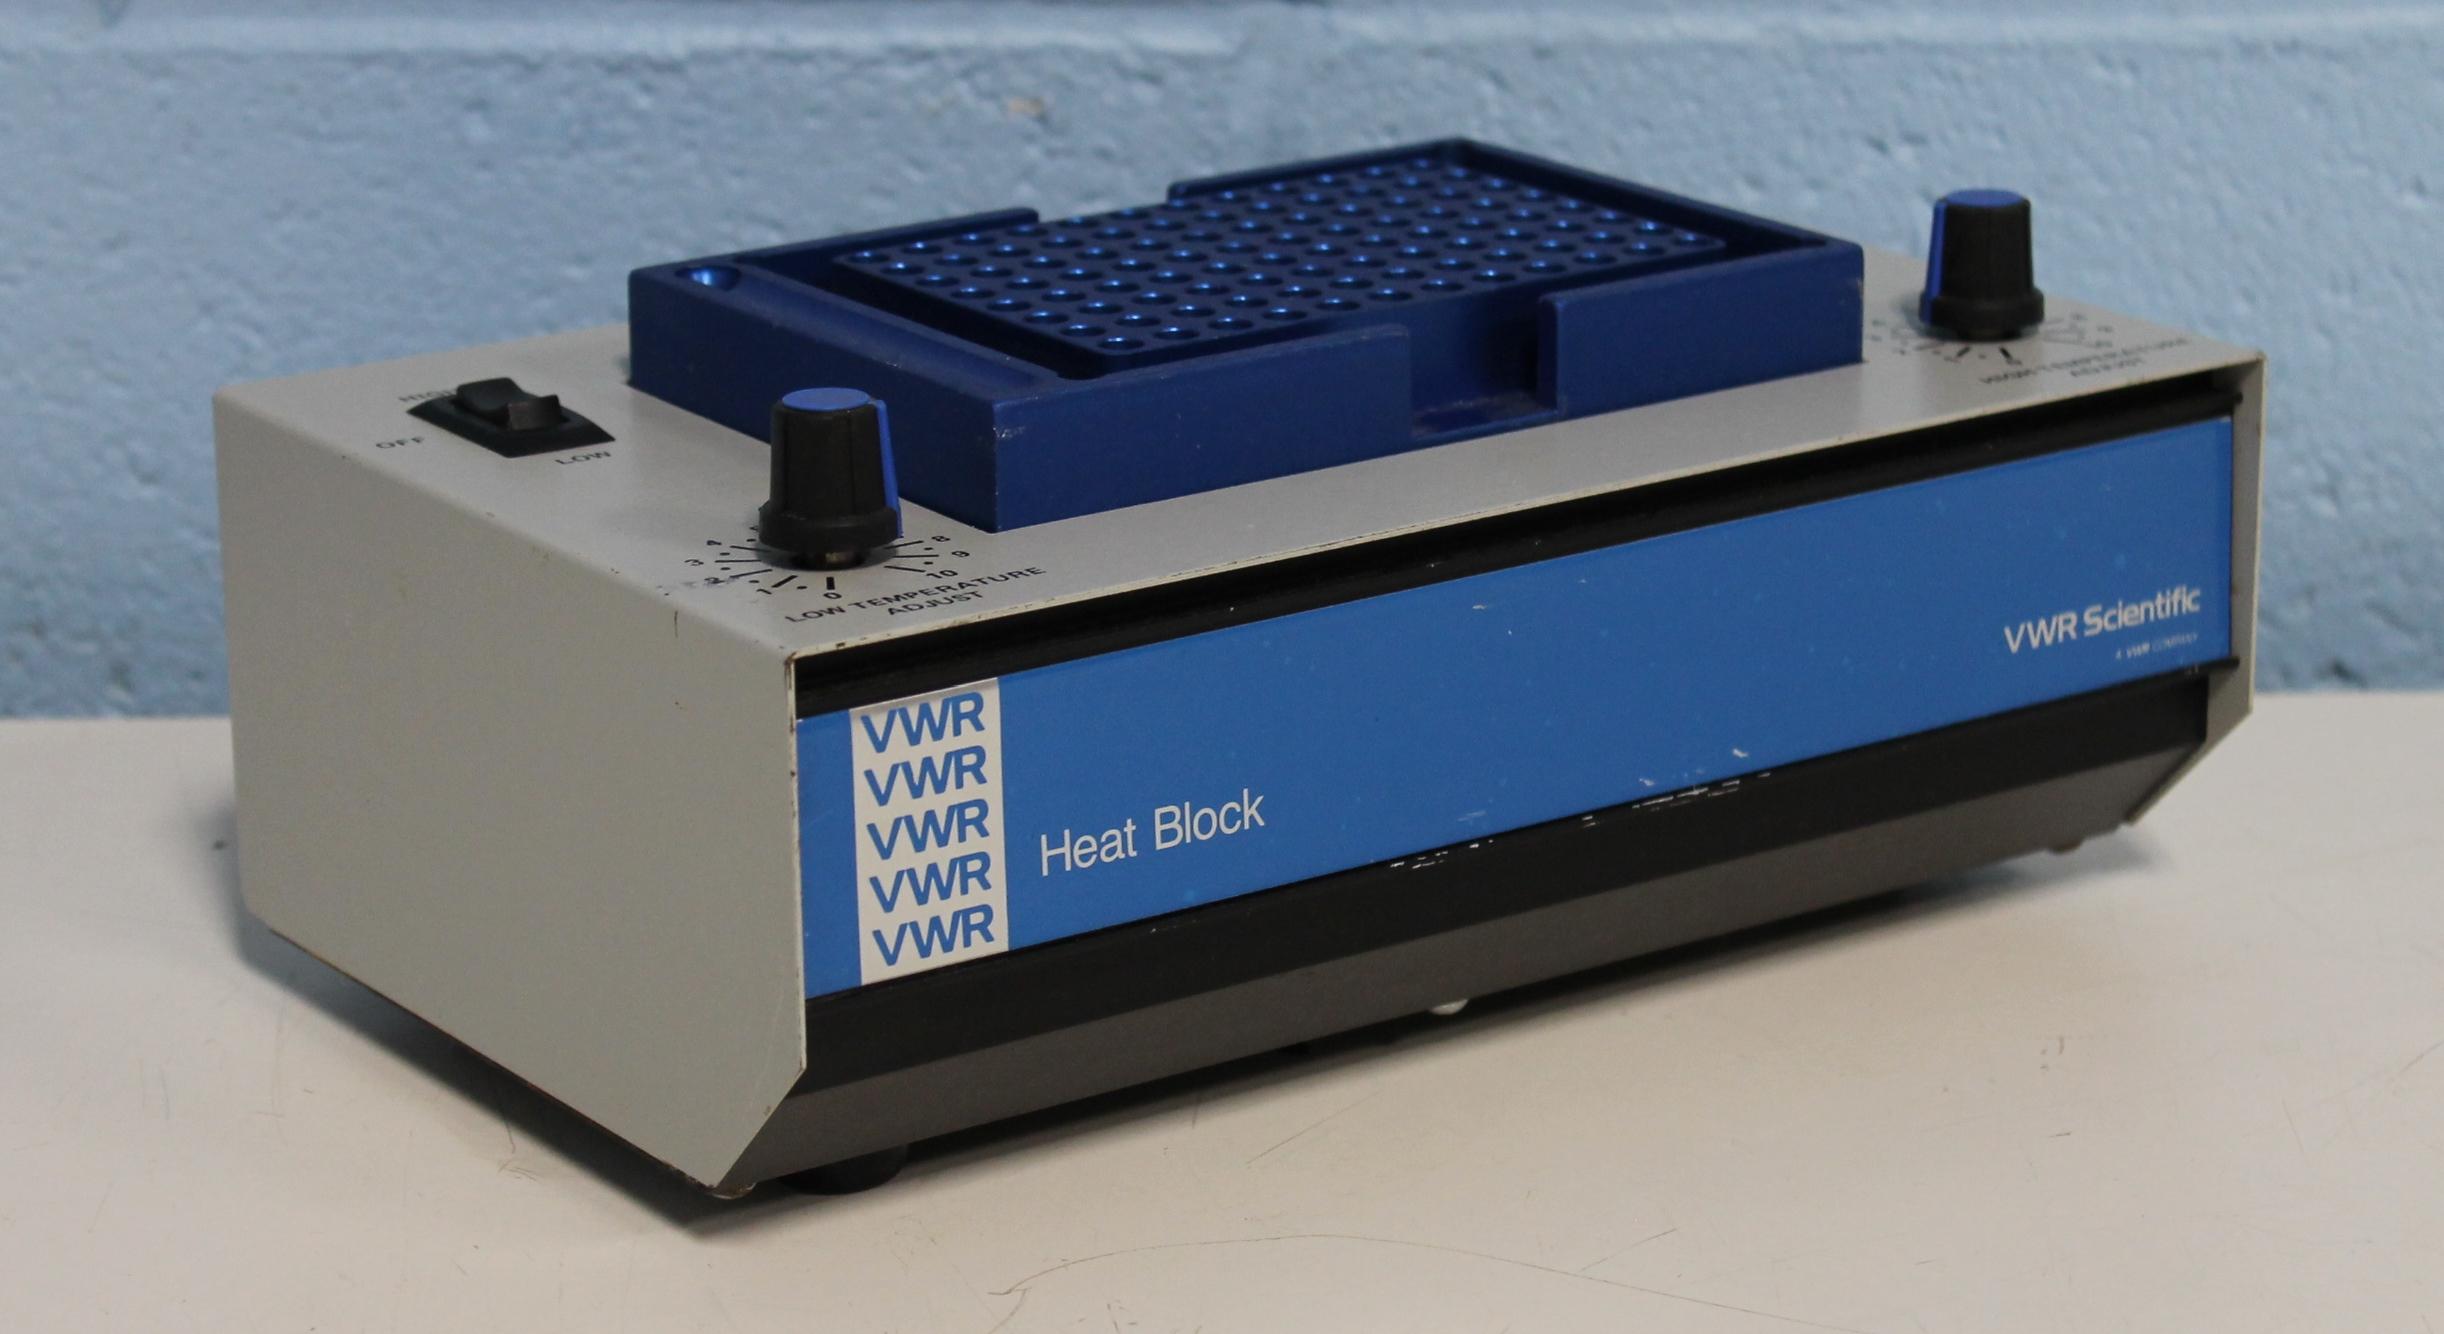 Refurbished VWR Heat Block 2